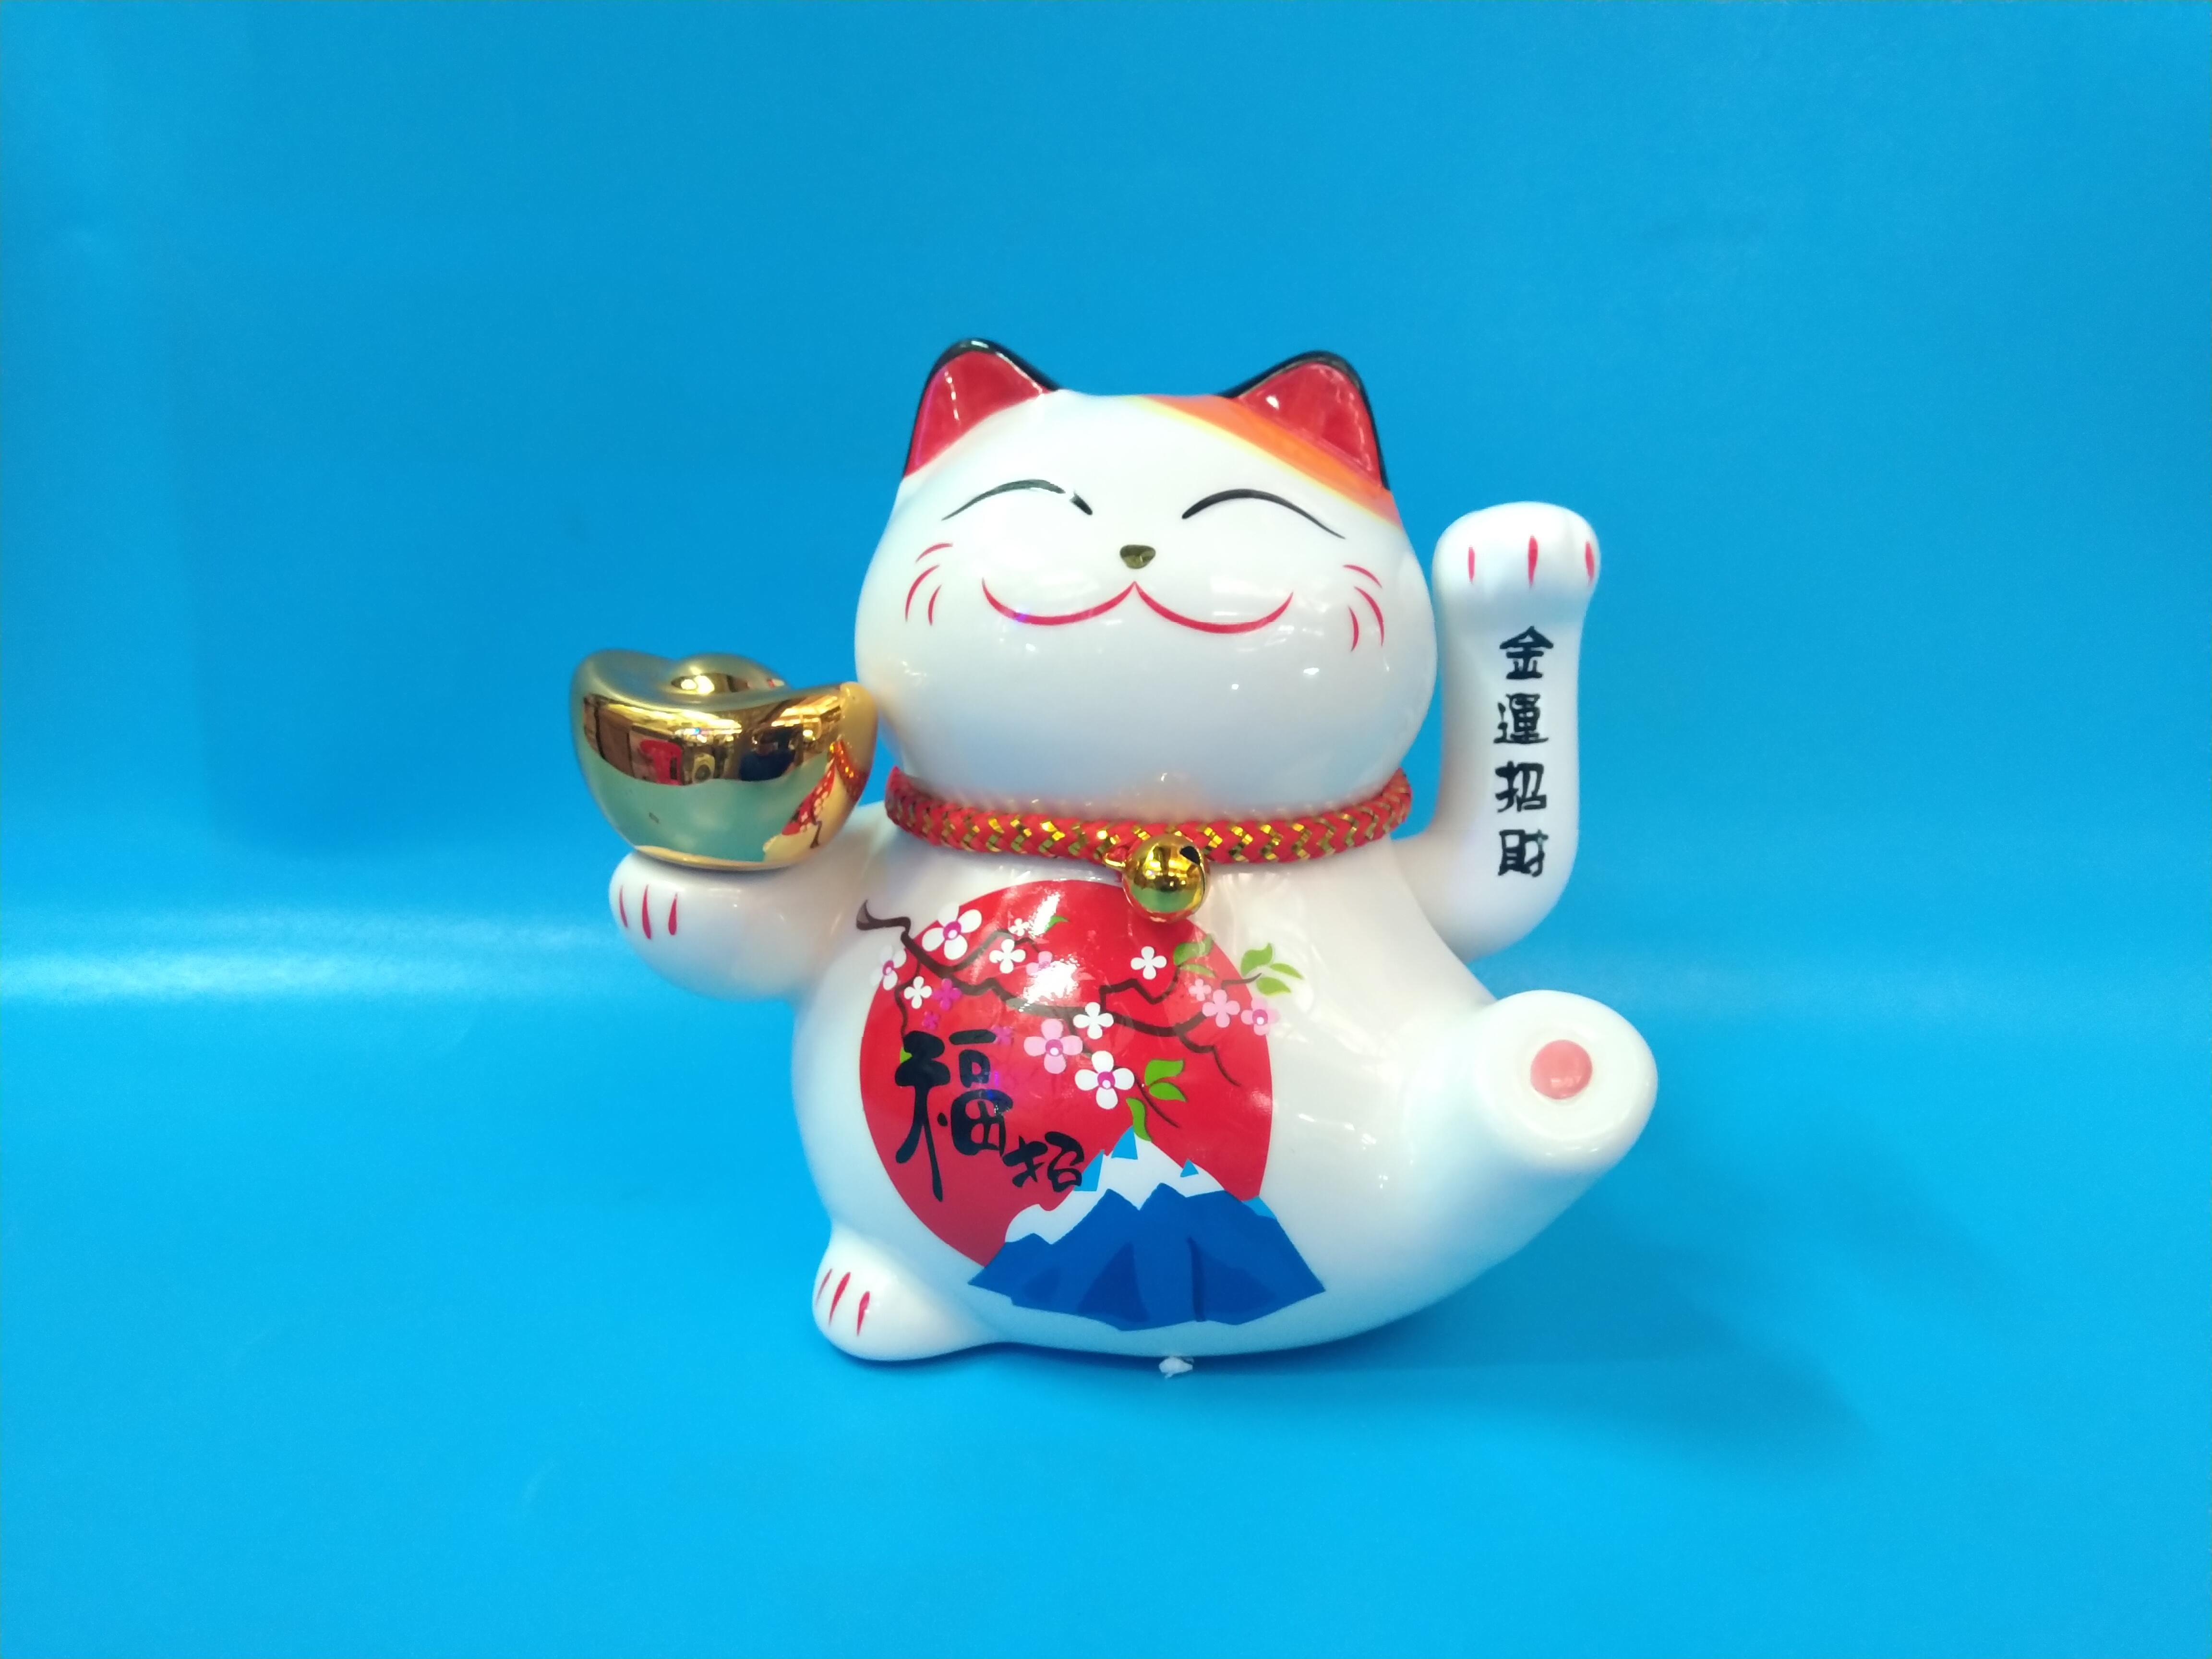 Mèo thần tài bằng sứ cao cấp  xài pin hoặc điện-giao mẫu ngẫu nhiên